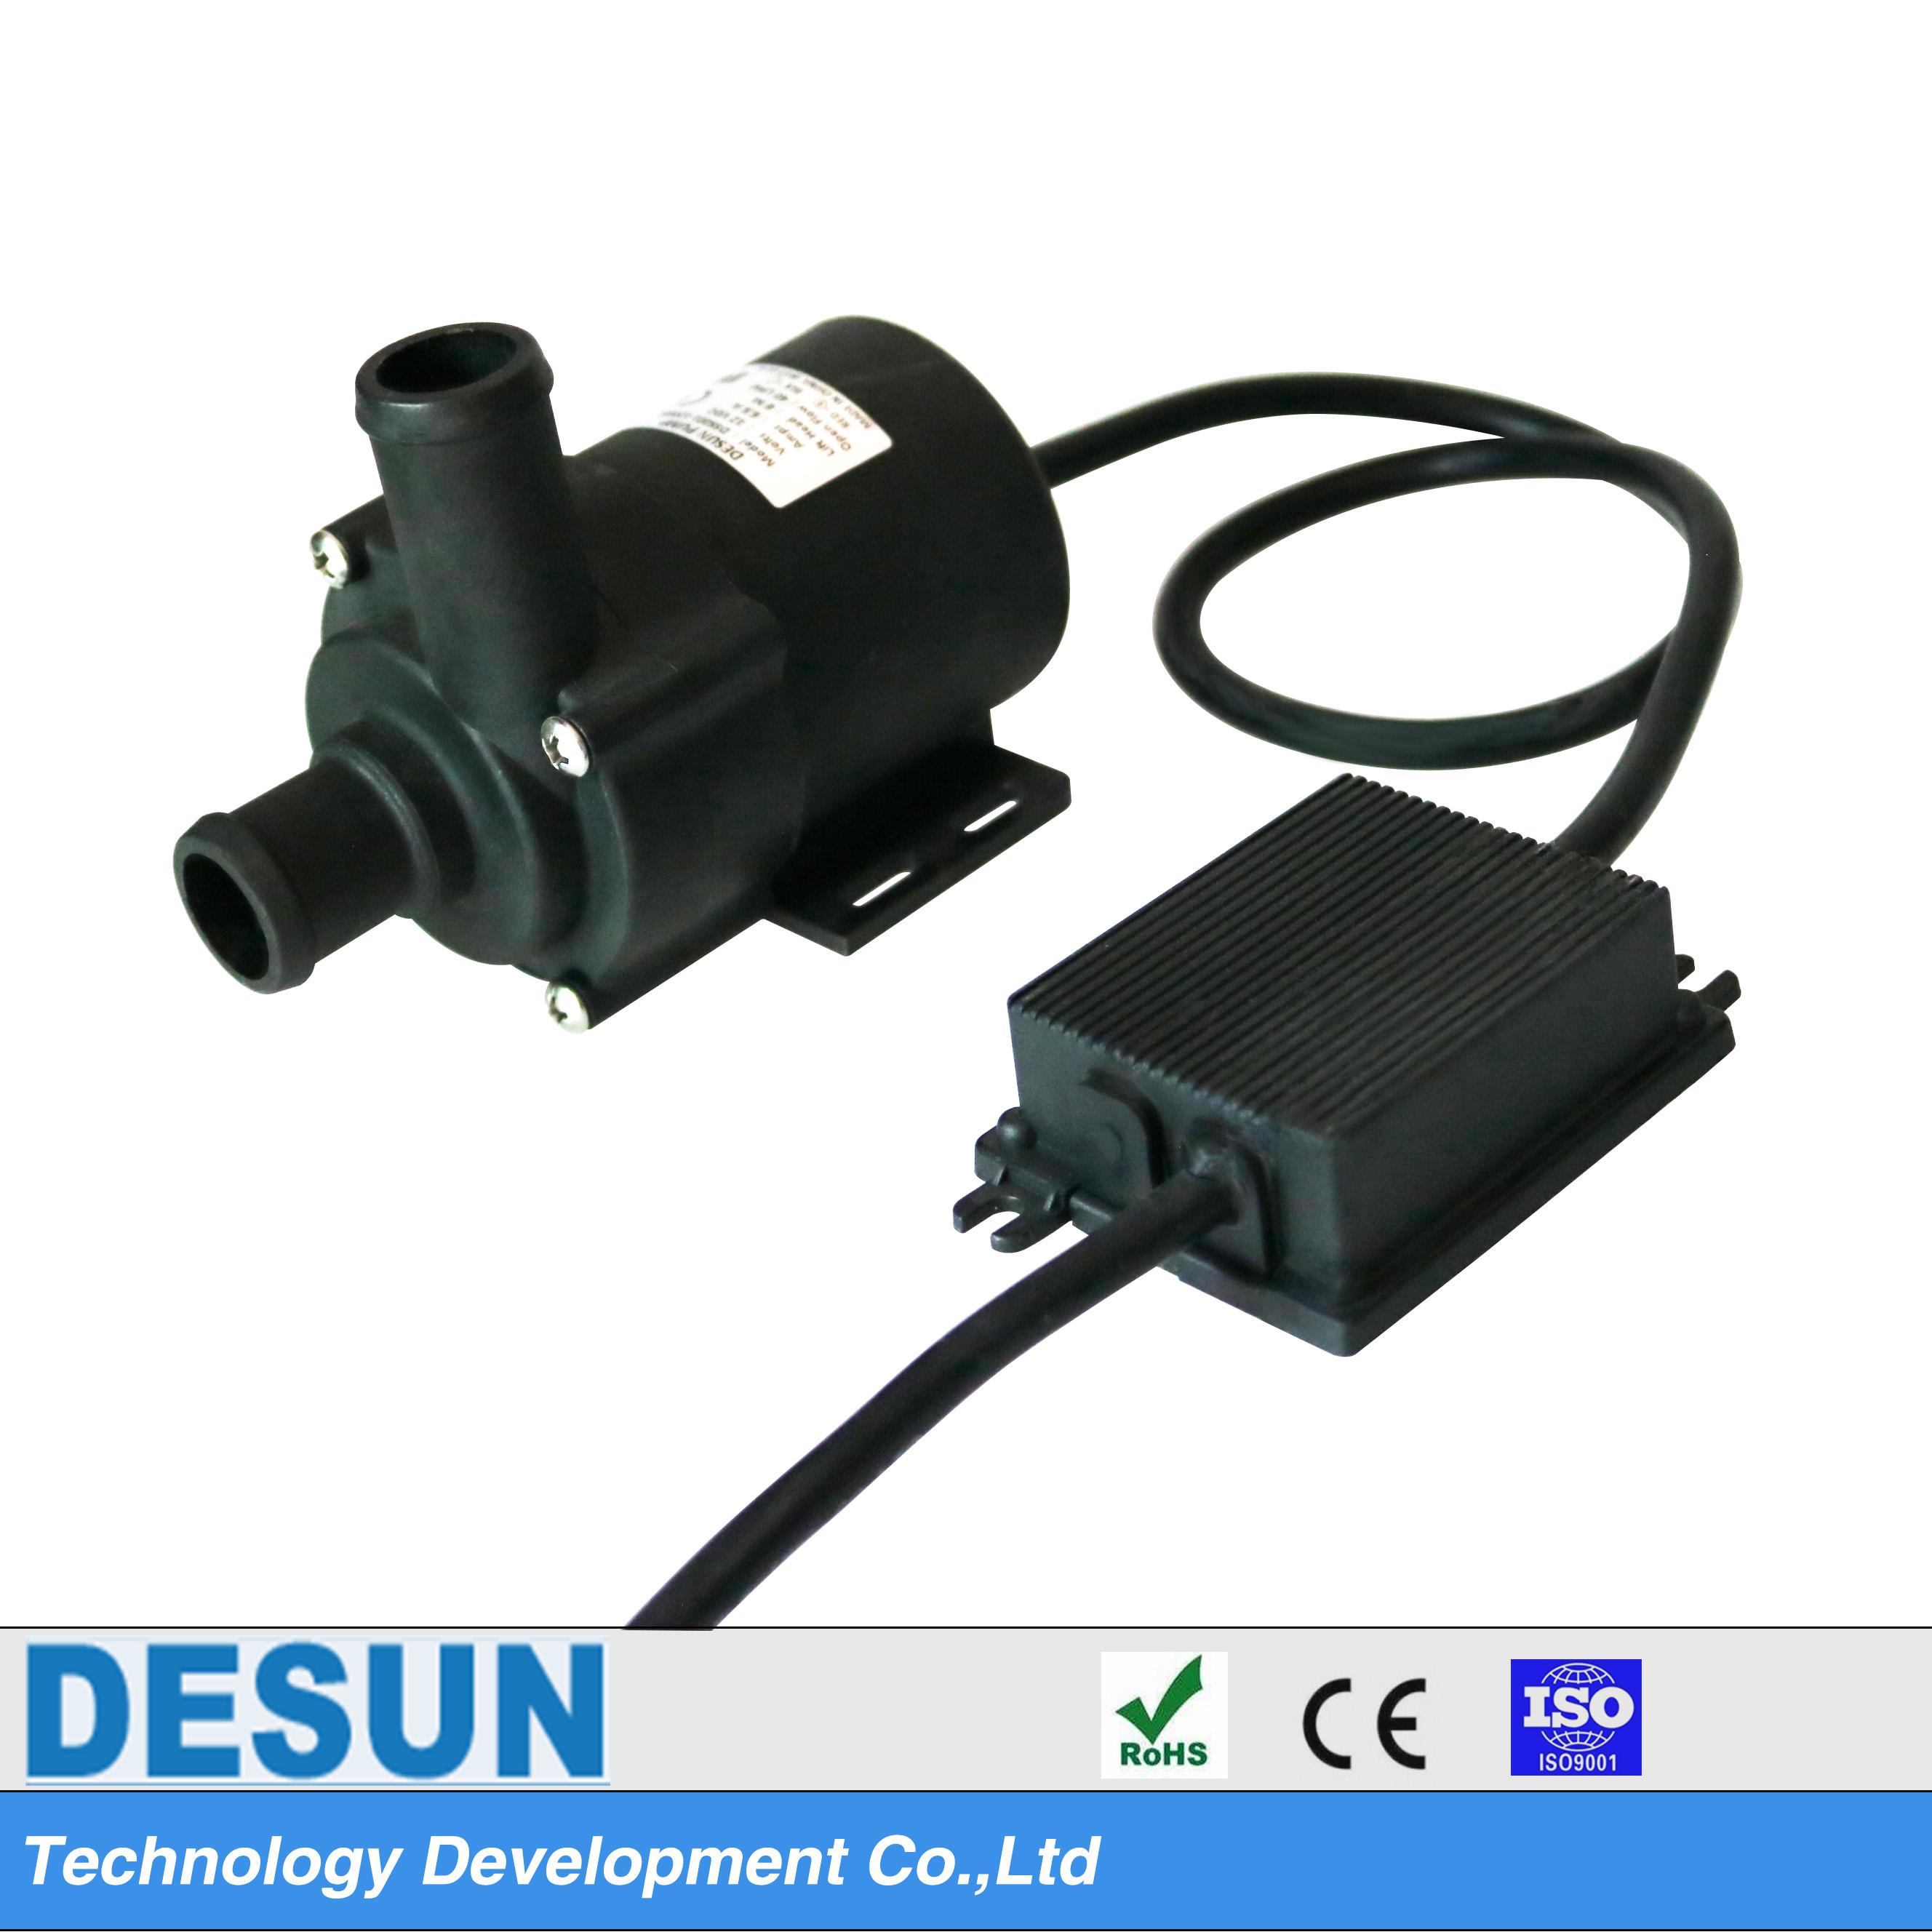 三相调速微型汽车电子水泵DS5001